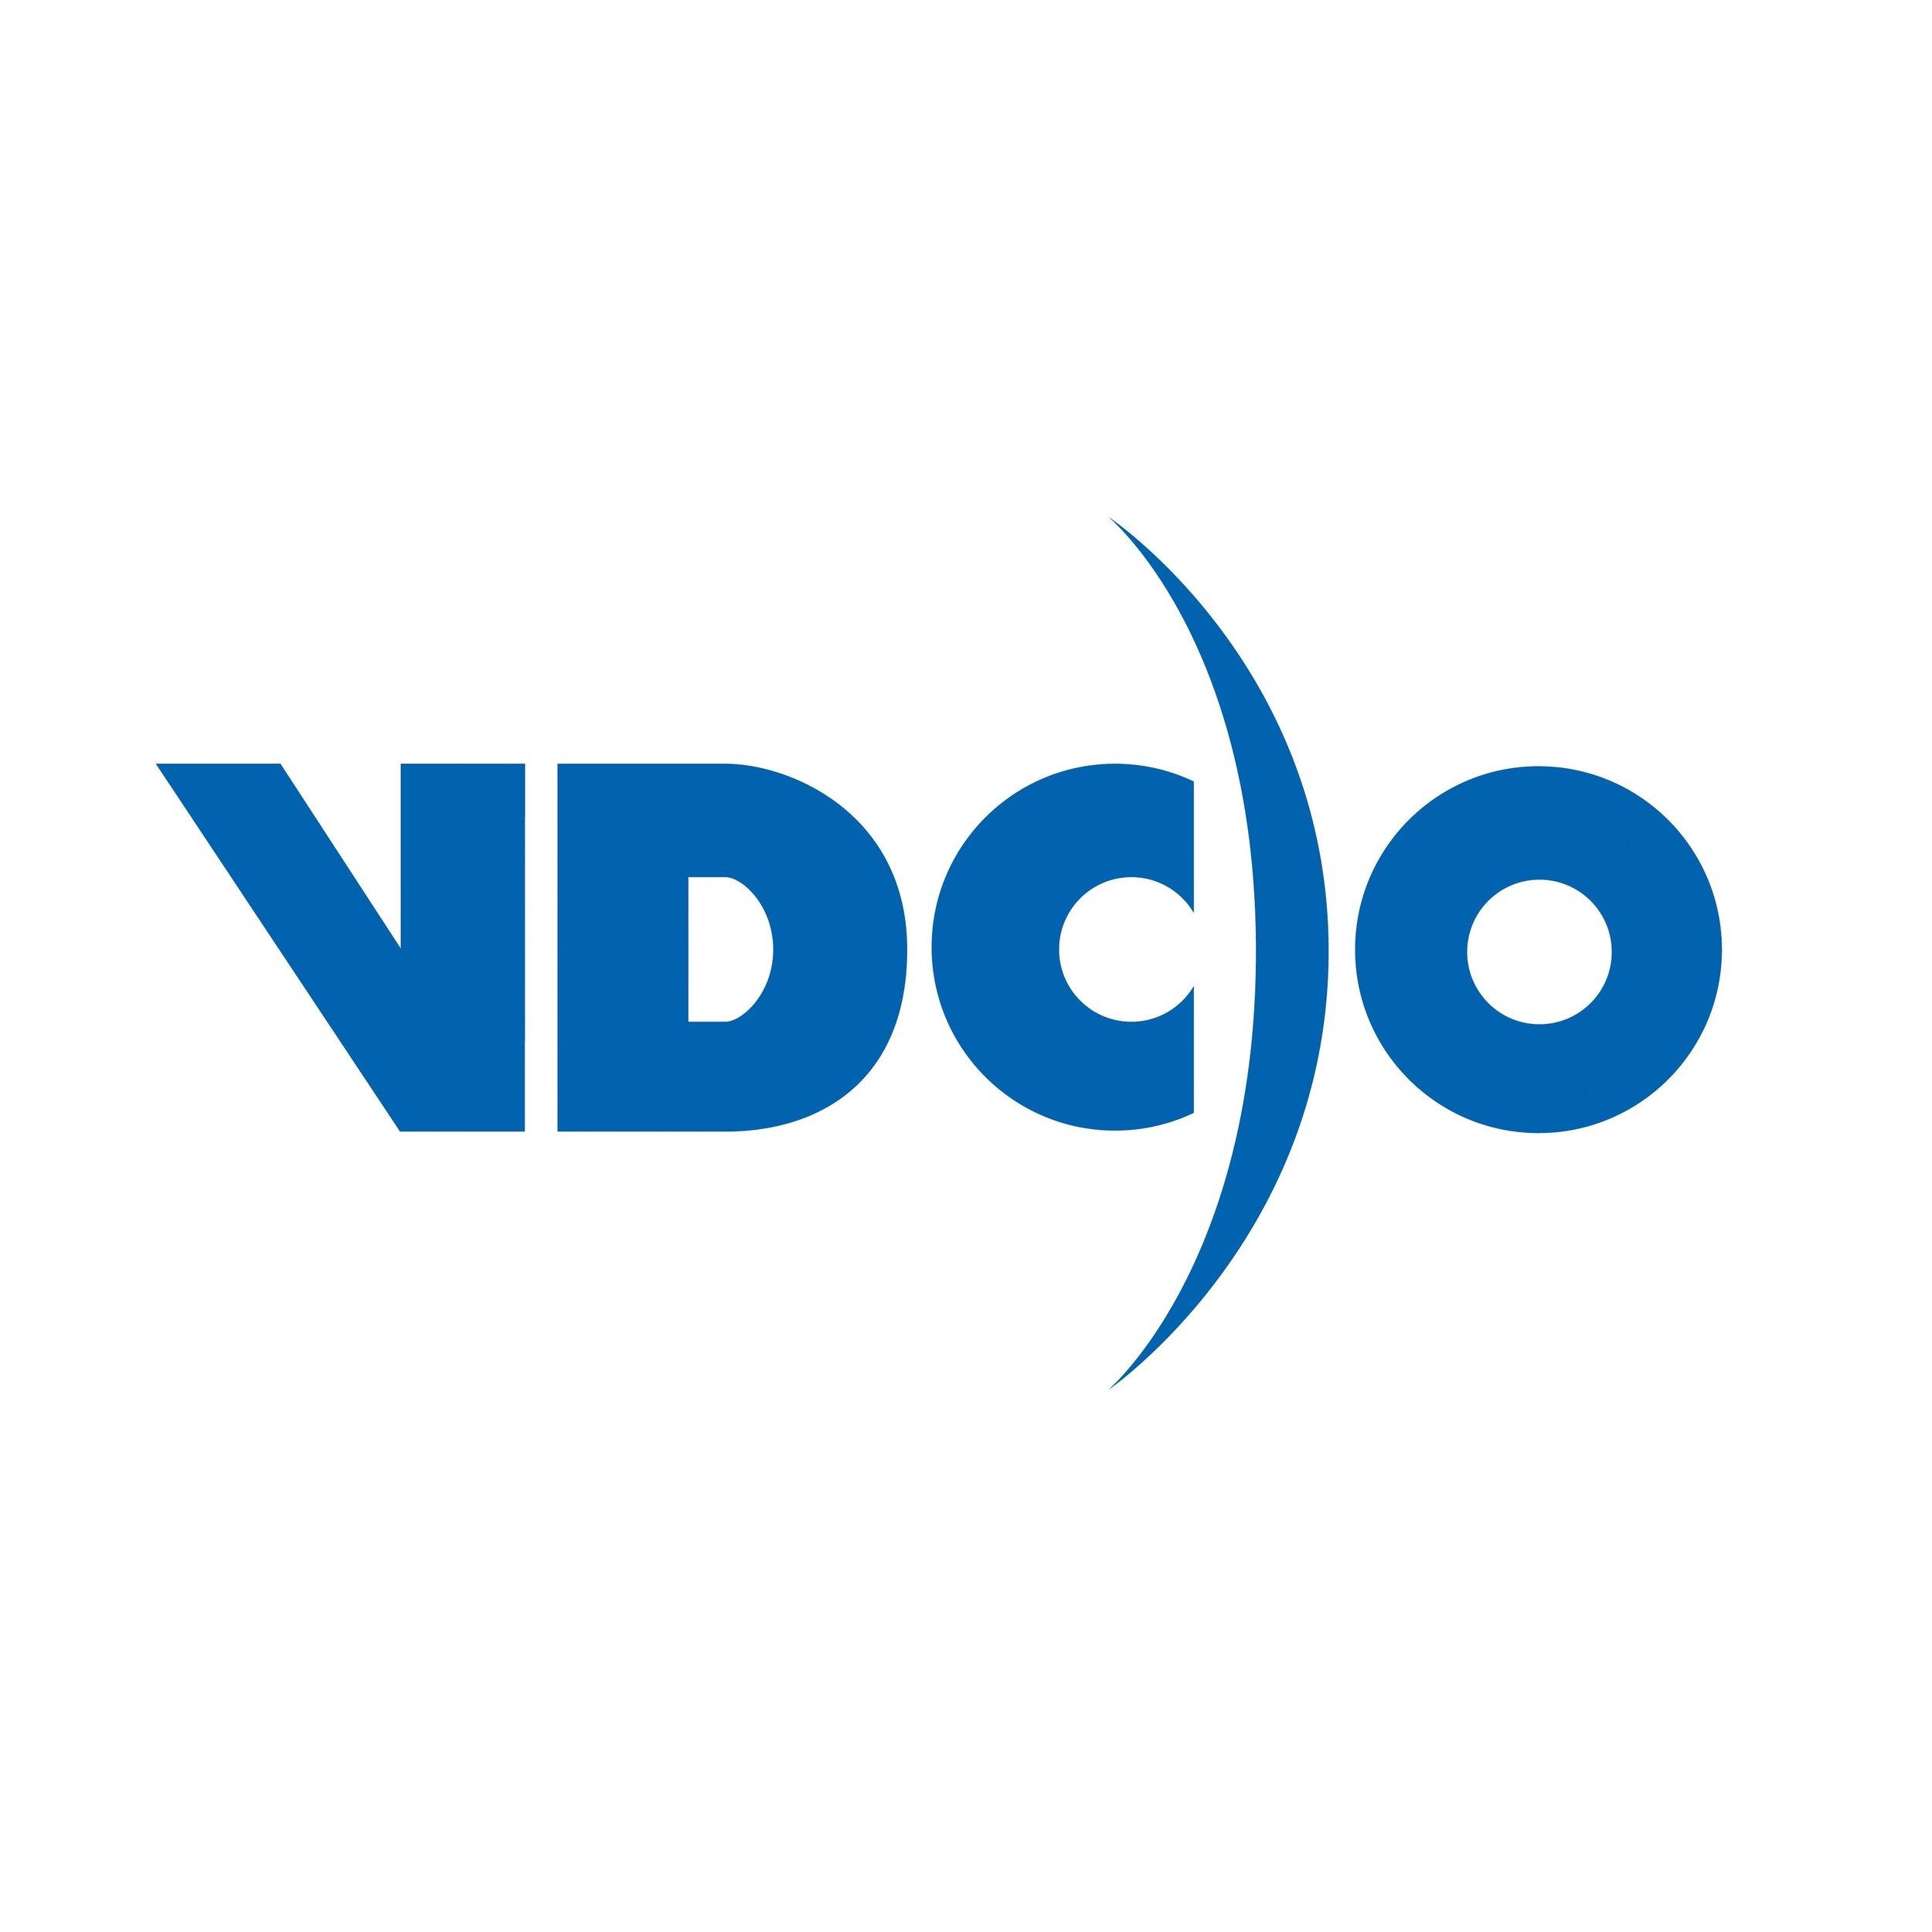 VDCO_LOGO_GROSS.jpg